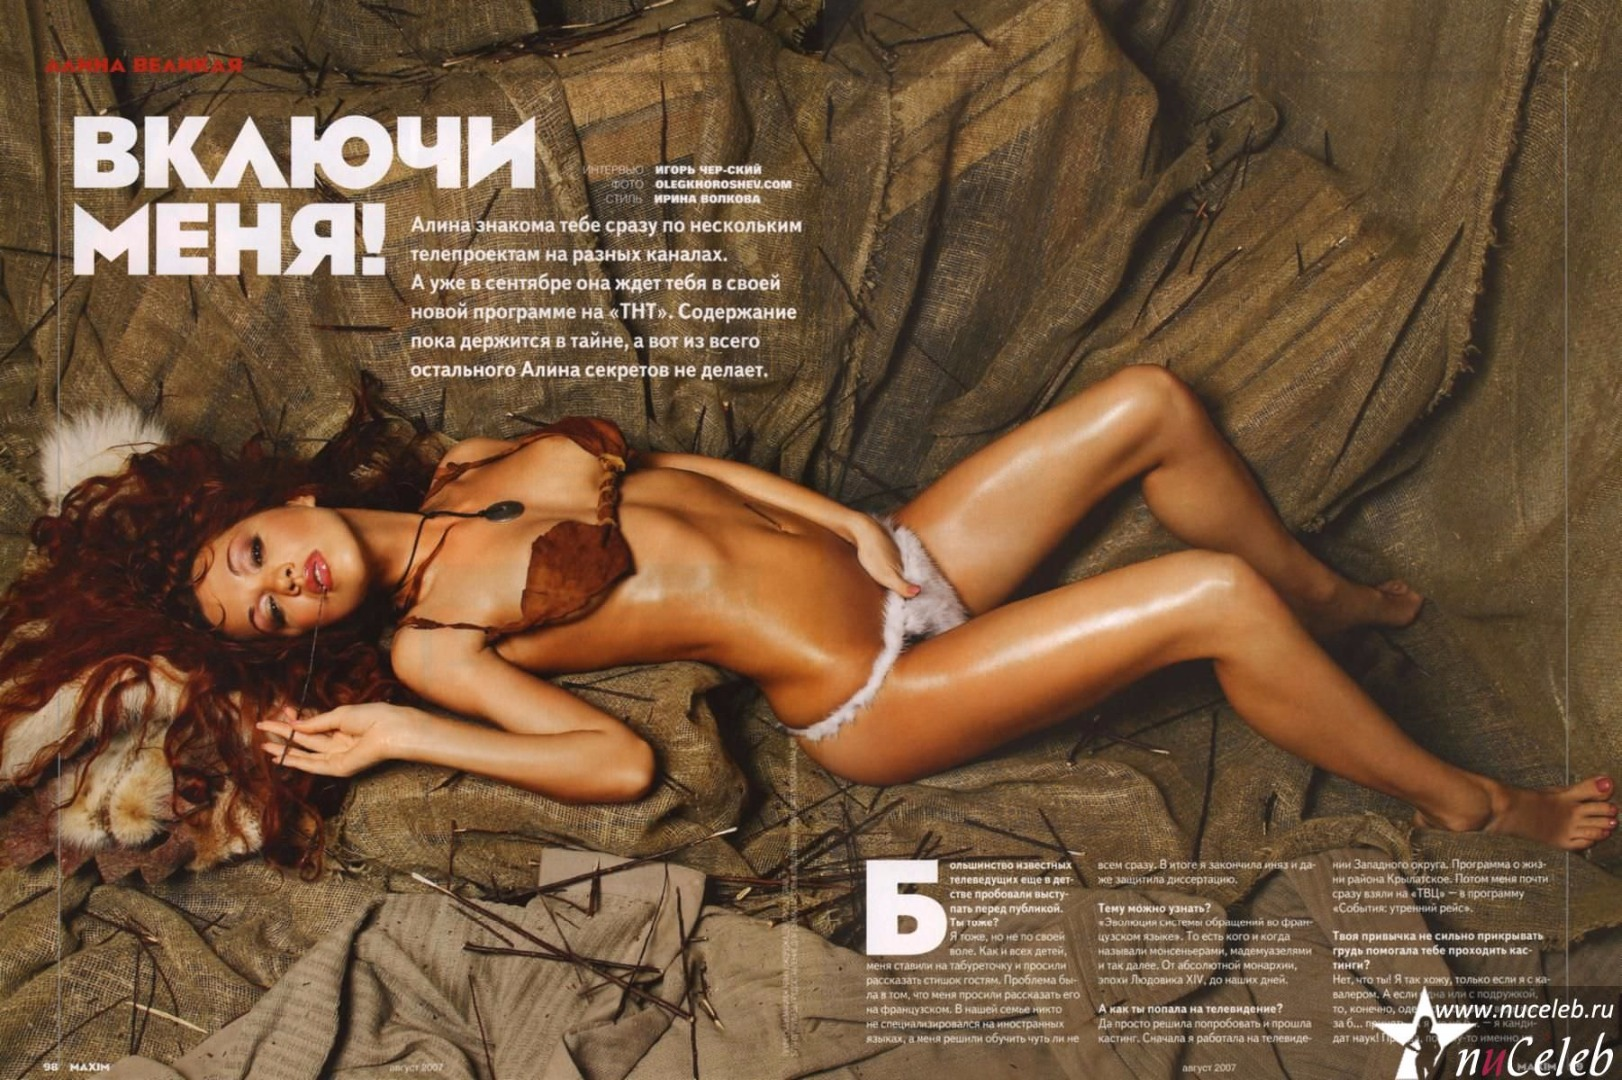 eroticheskaya-fotosessiya-maksim